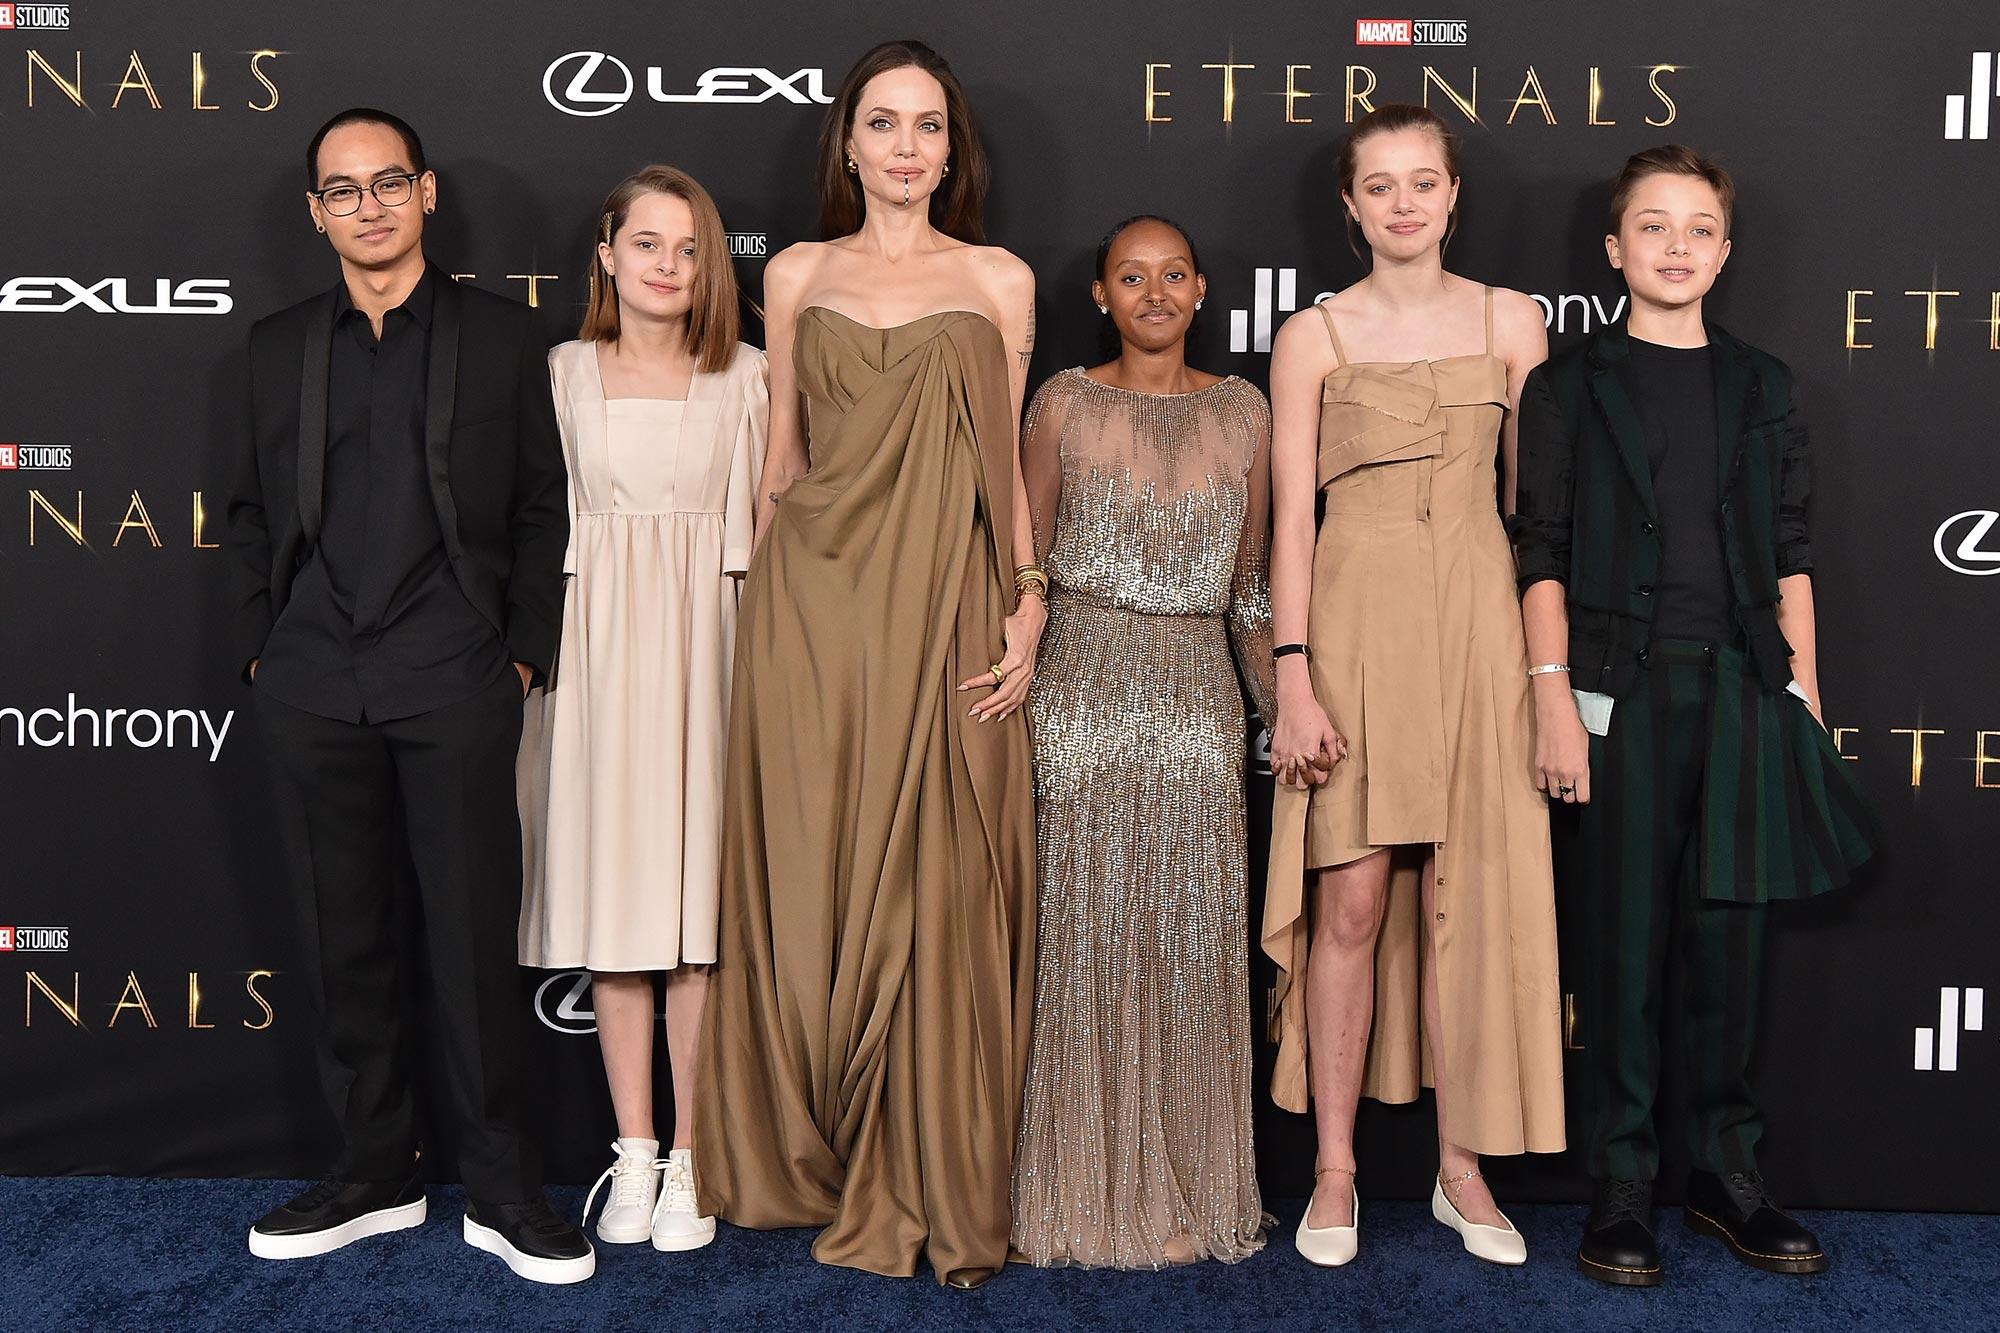 Eternals World Premiere Red Carpet